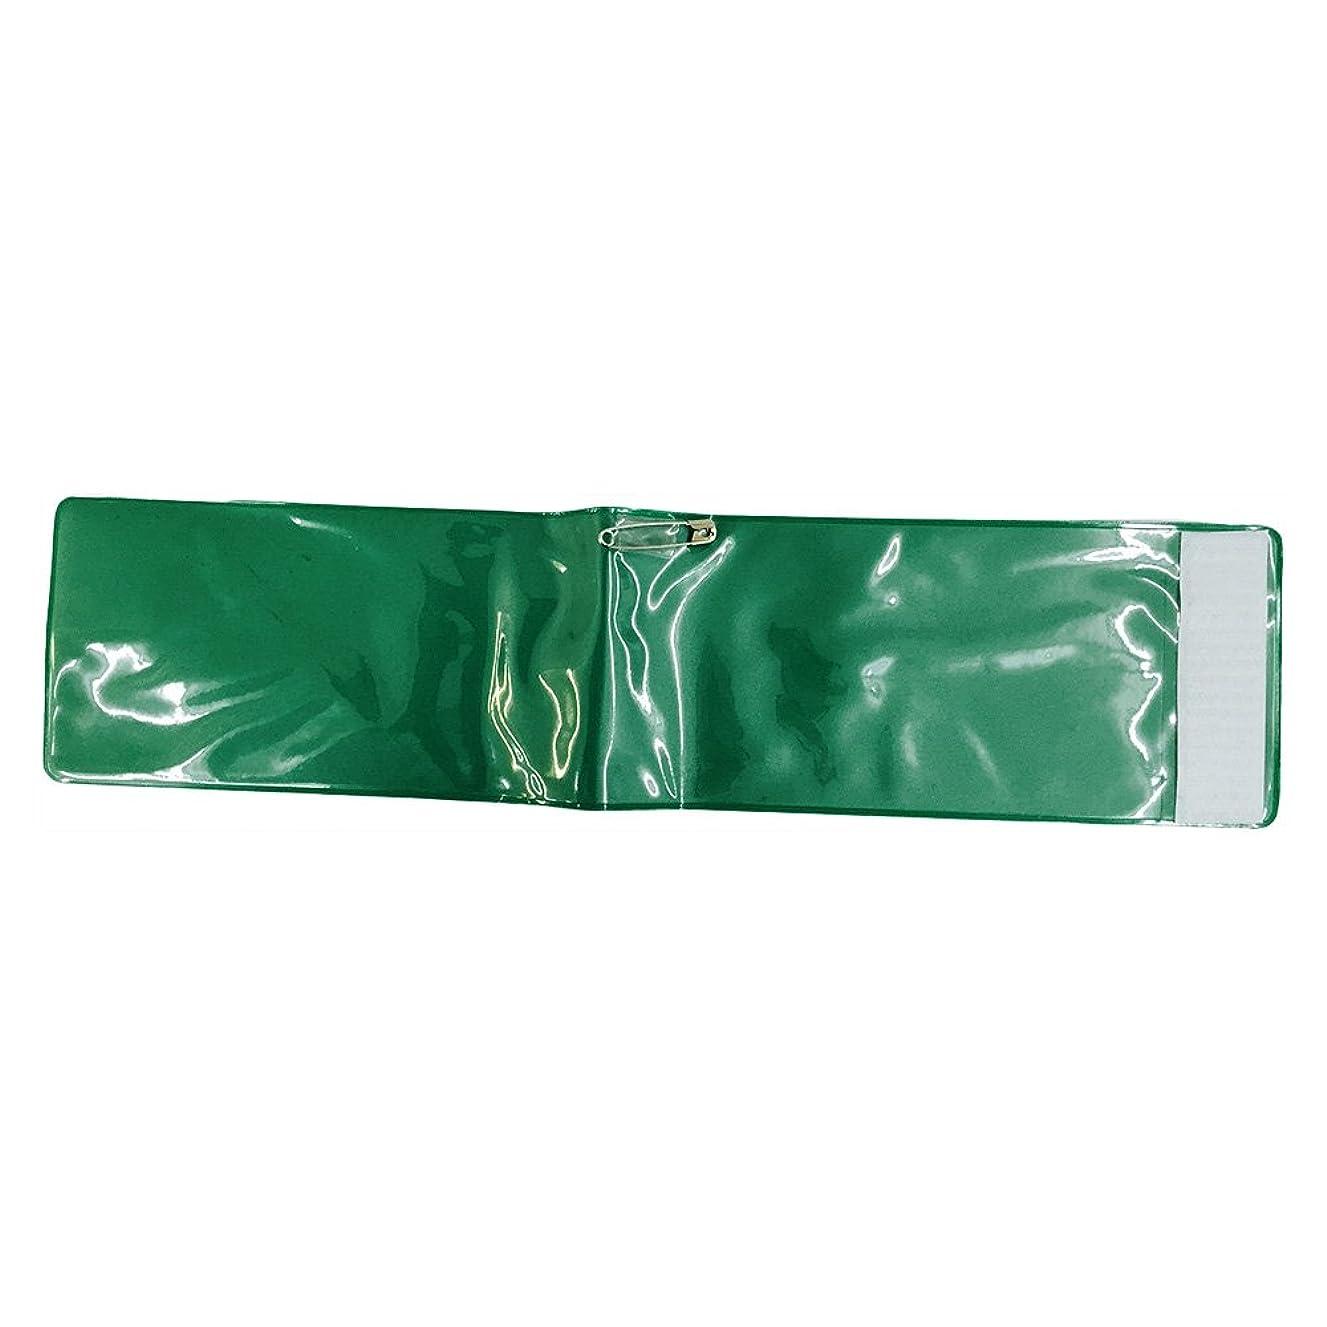 有毒クレーン作動するアラコー 差込み式 ビニール腕章 90㎜×380㎜ 緑